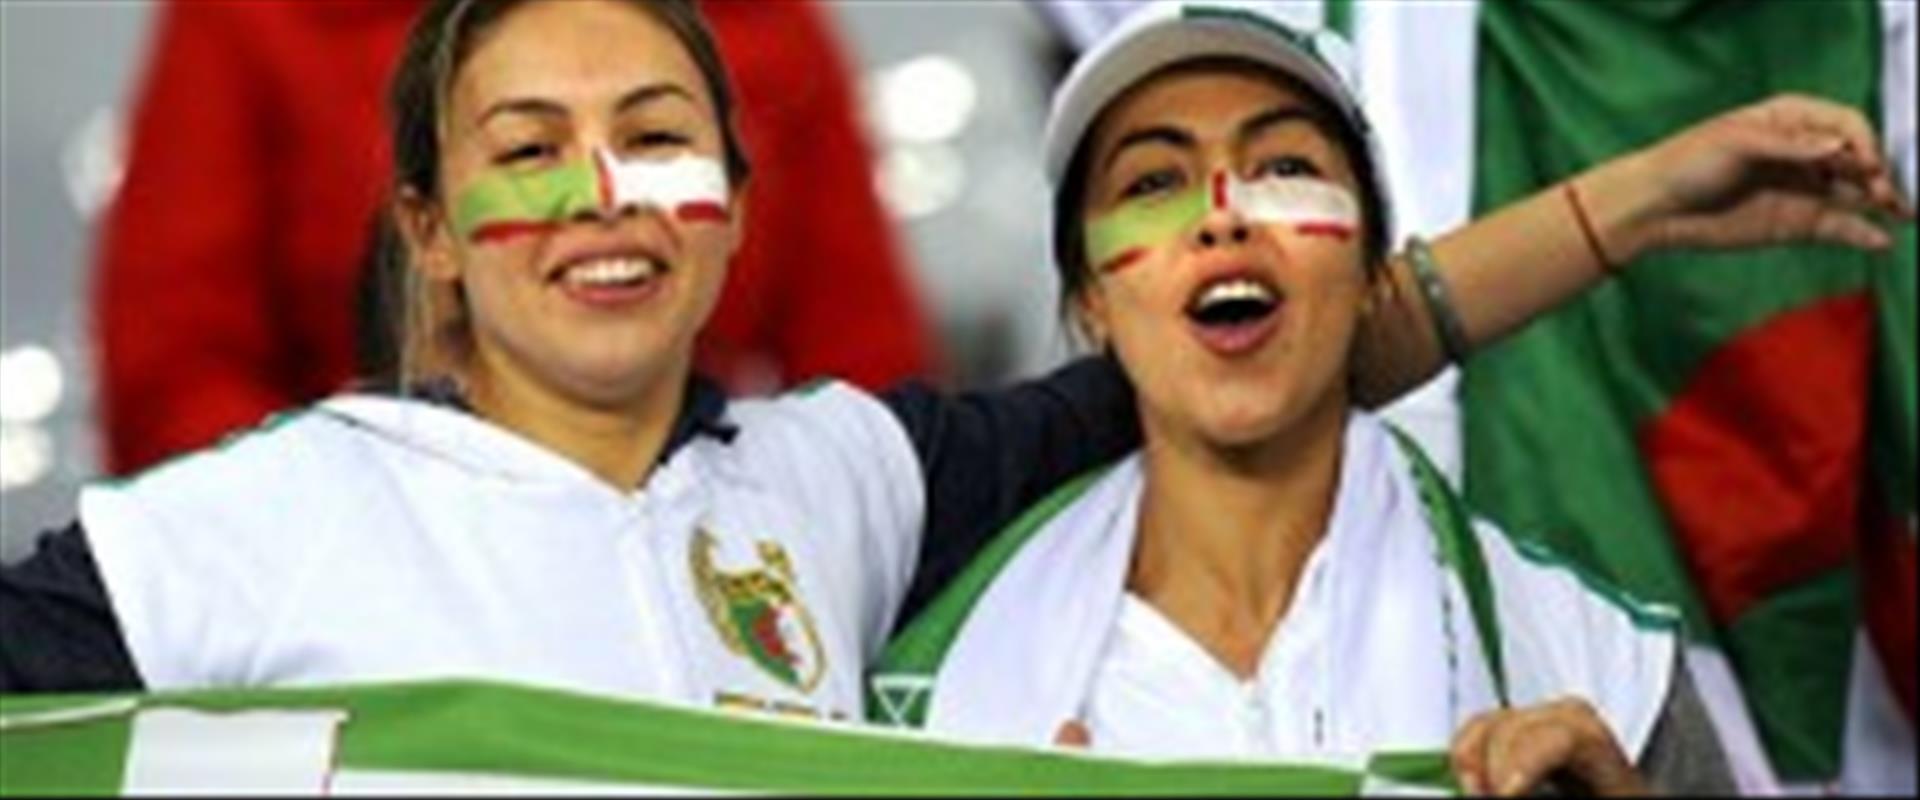 אוהדות של נבחרת אלג'יריה